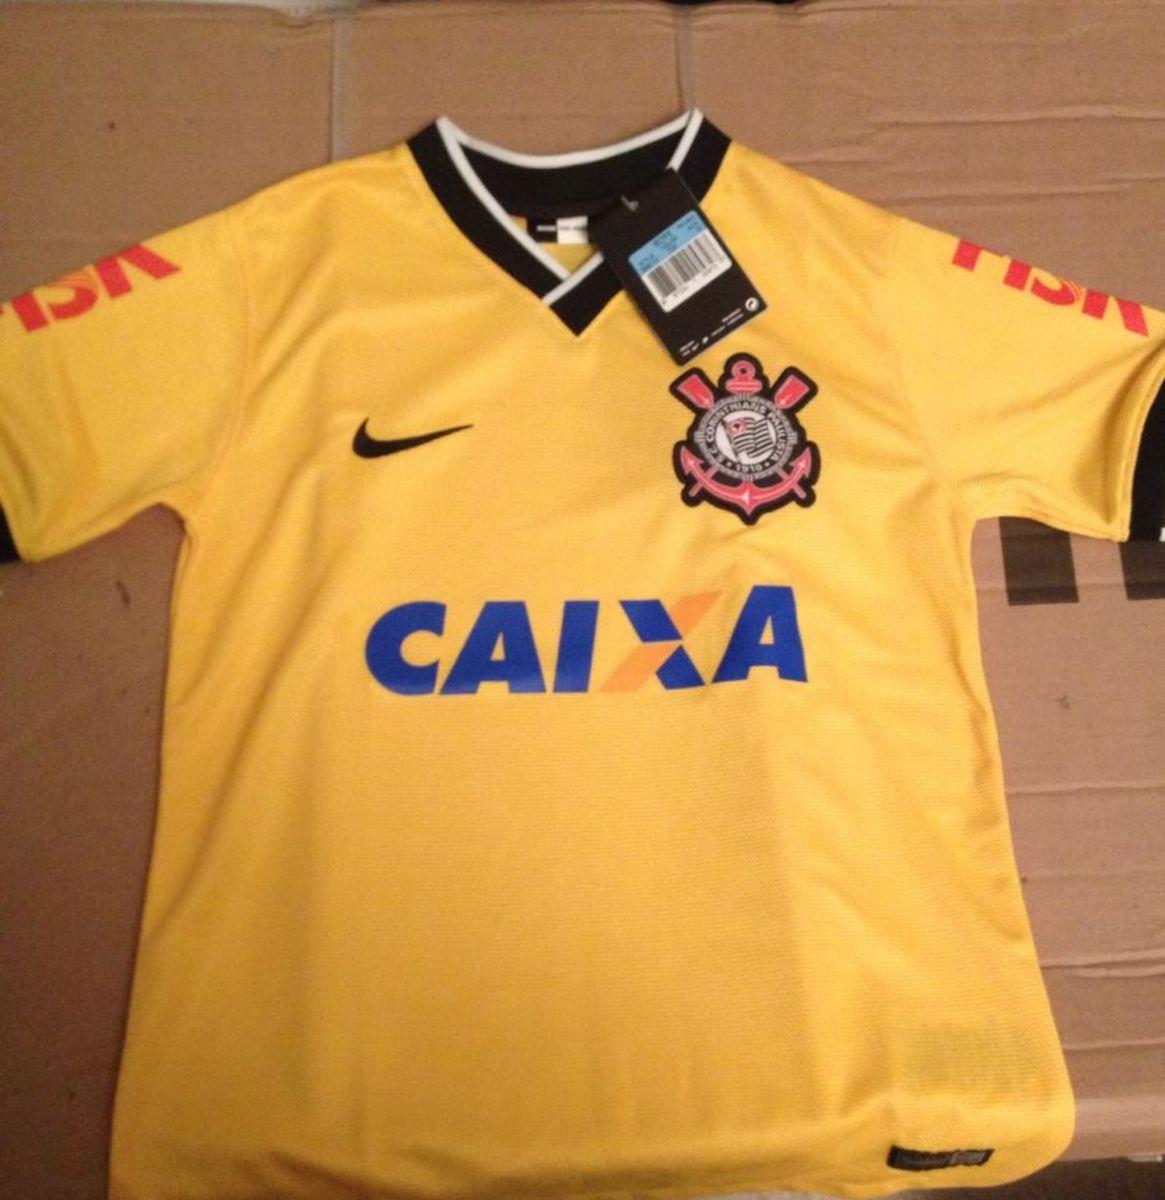 camisa corinthians iii amarela - menino nike.  Czm6ly9wag90b3muzw5qb2vplmnvbs5ici9wcm9kdwn0cy82njc1mzivmjdjntjiownhmzfimgexntqwntcwyzexztu5zdg1mguuanbn 3a5d959bbd67f